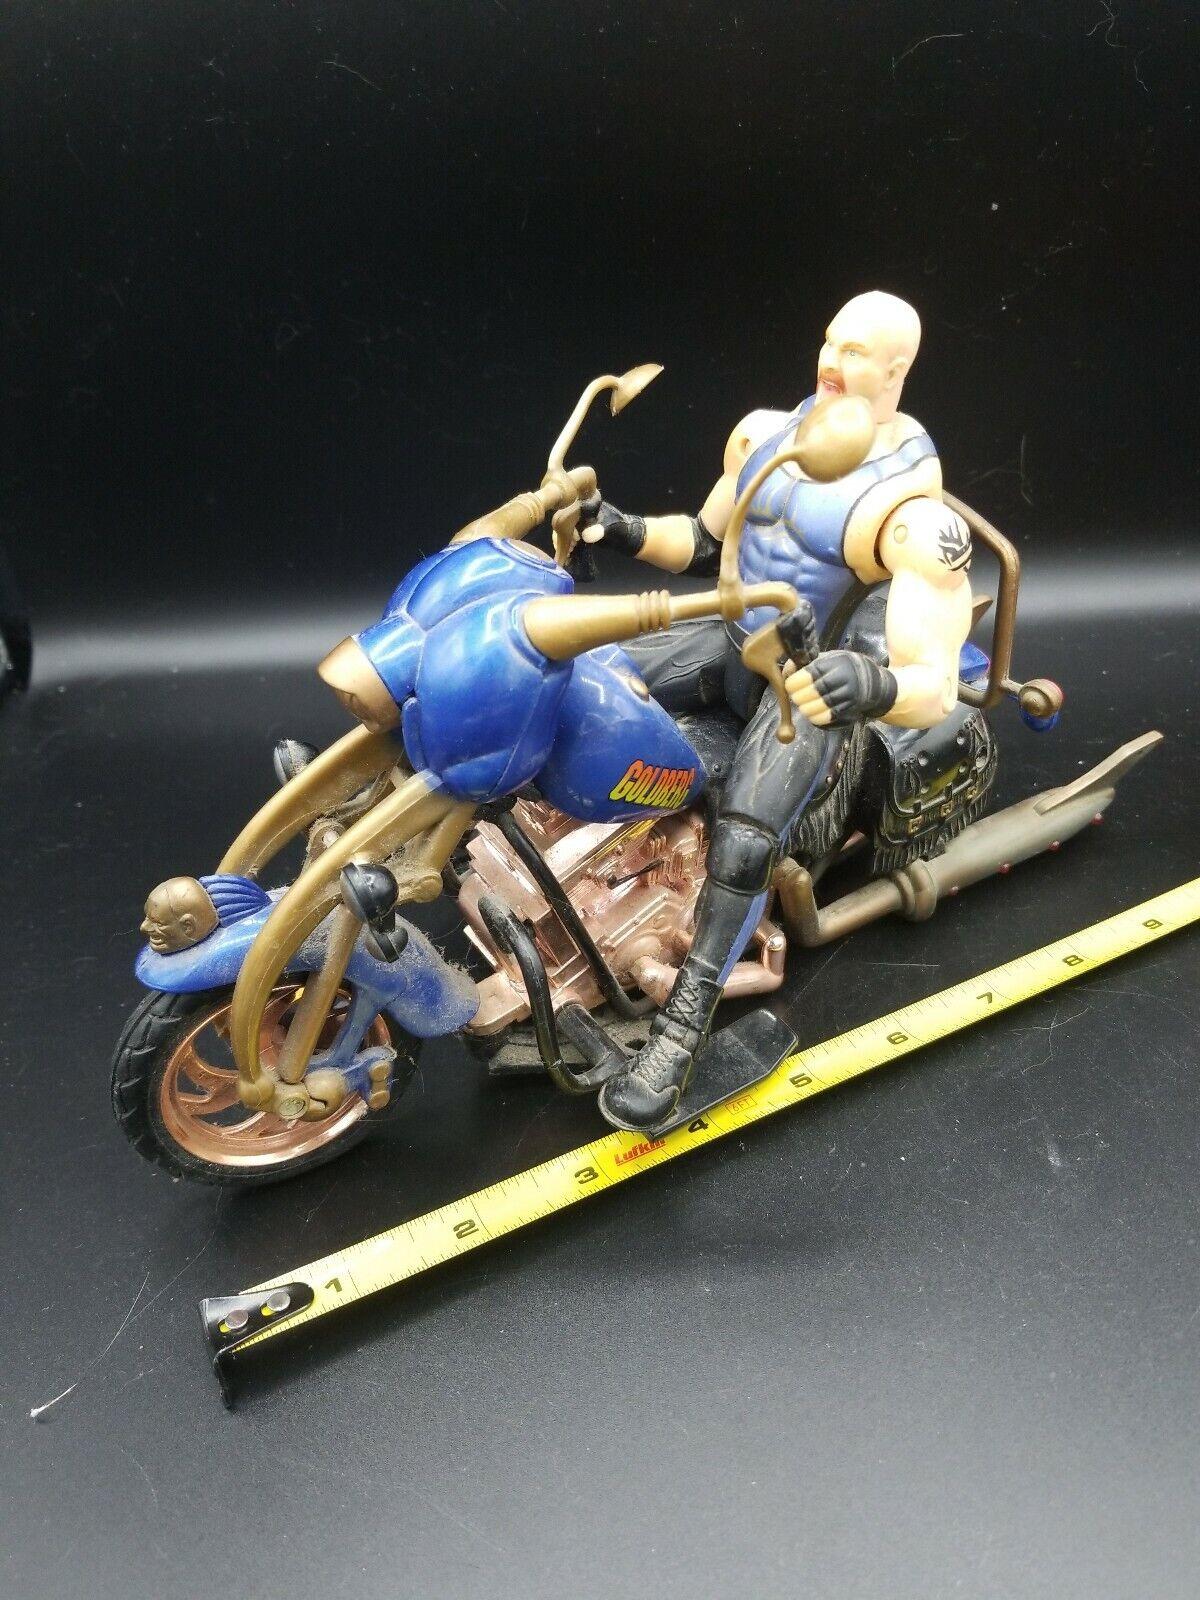 1999 Wcw goldberg Action Figure Motorcycle